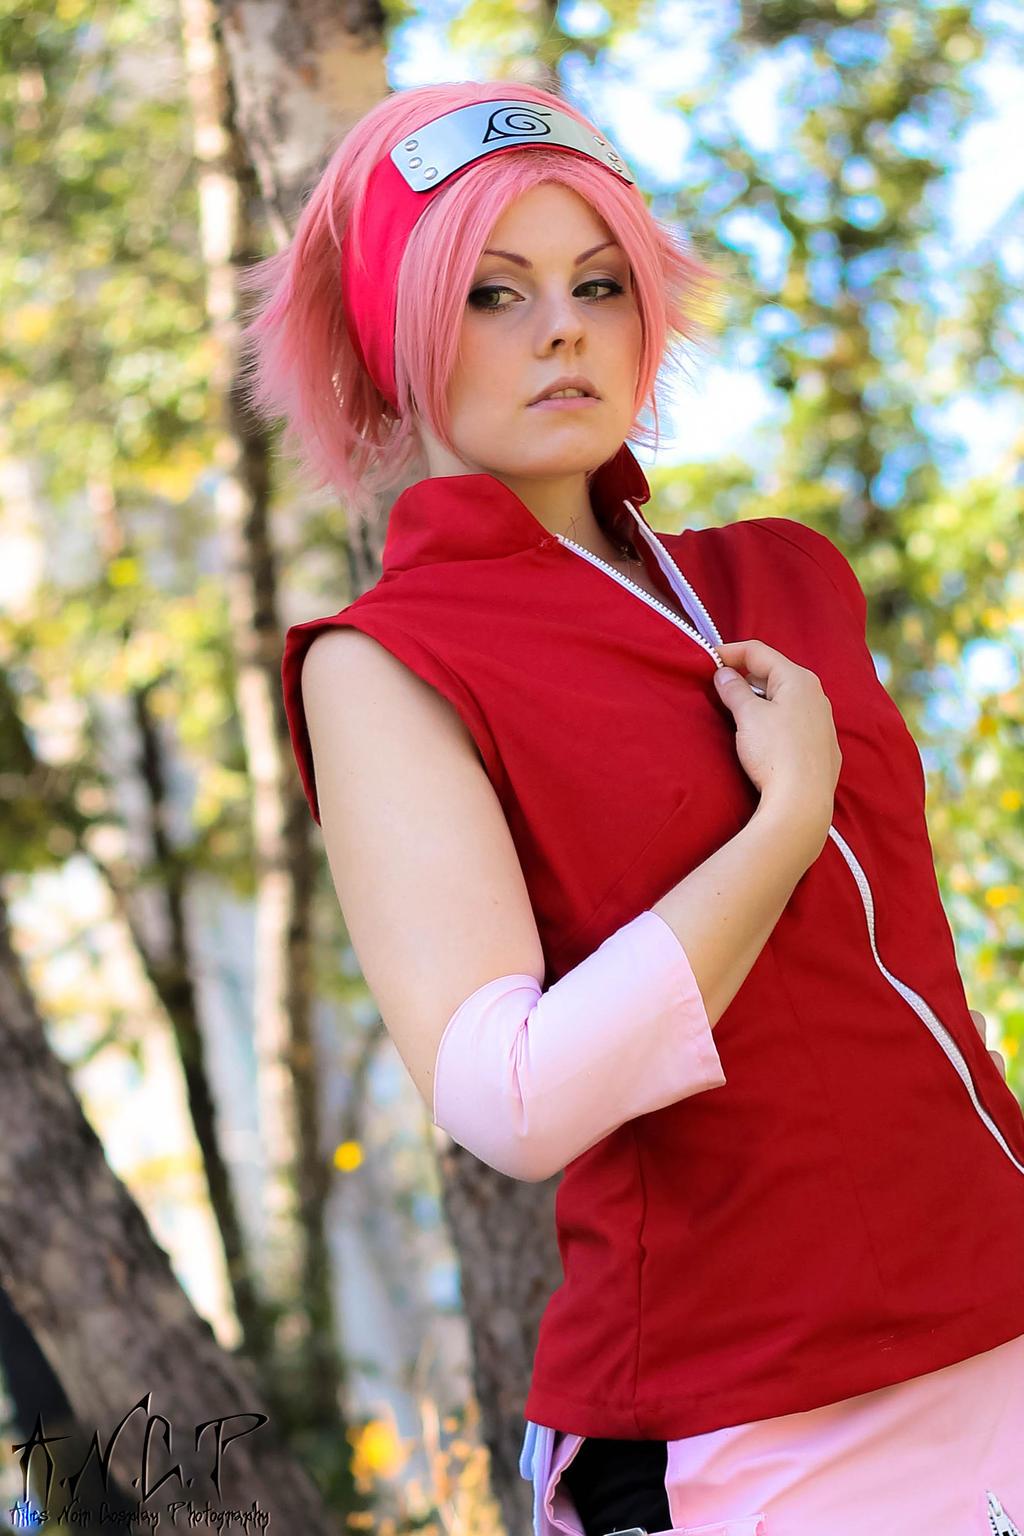 Naruto Shippuden: Sakura Haruno #4 by AilesNoir on DeviantArt